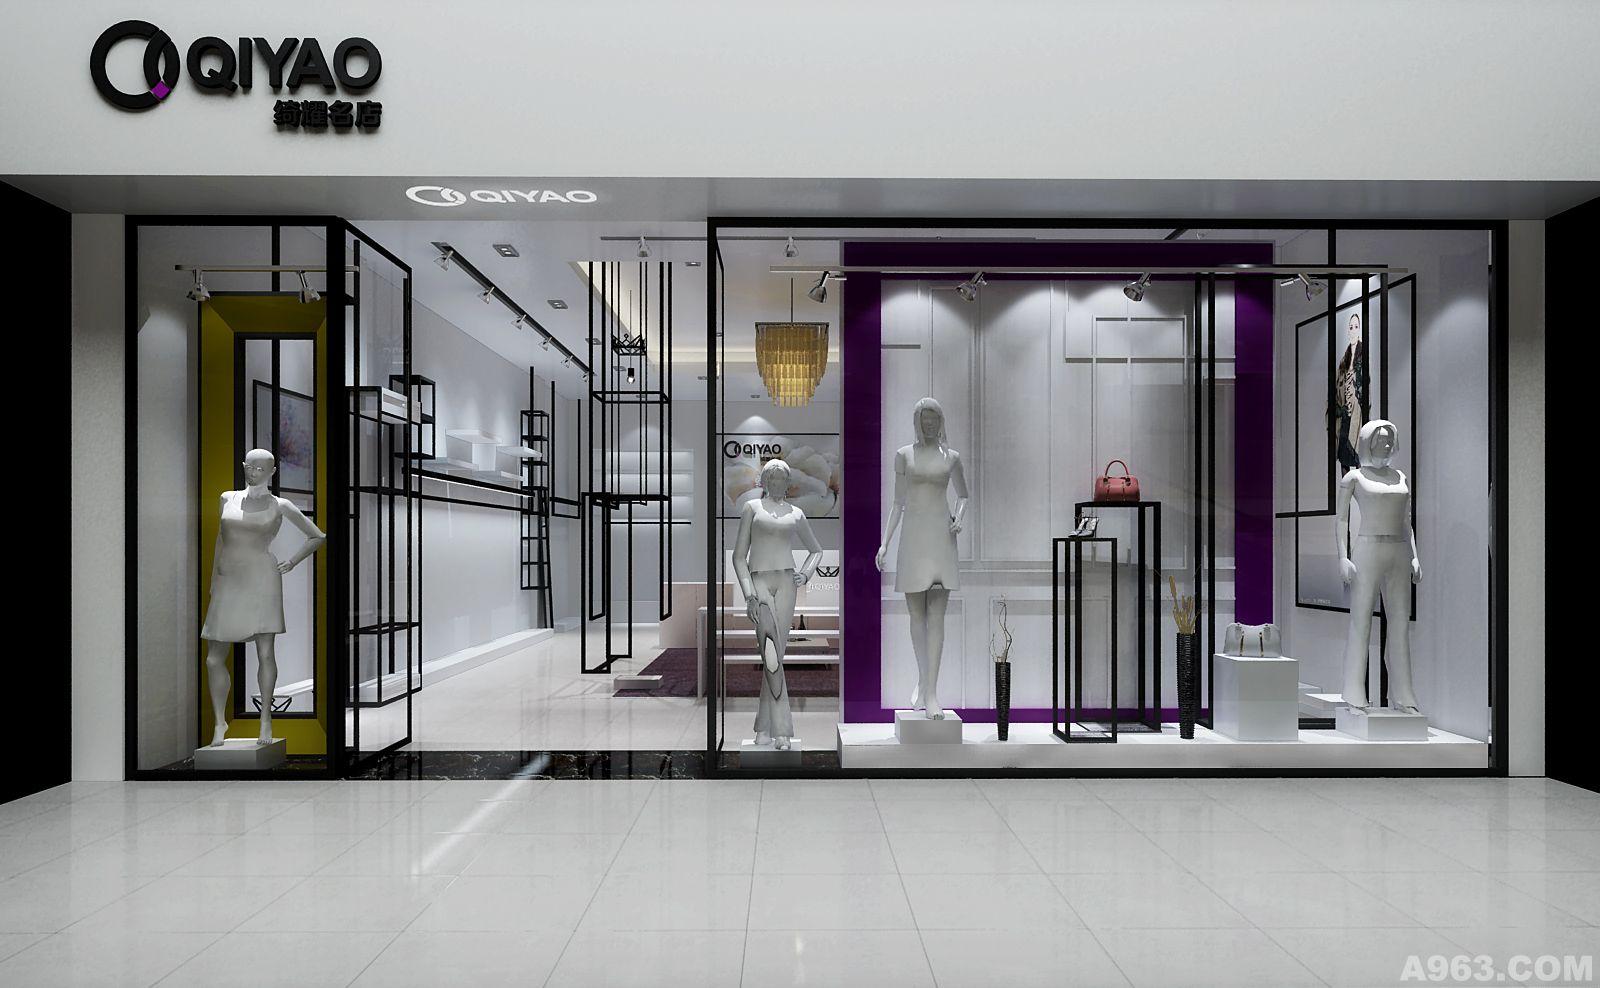 老客户的新服装品牌形象店设计,该品牌的配饰比较多,鞋、帽、包、巾样样都有, 让TA们与服装搭配在一起不是什么难事,让TA们的销量提高,就需要再空间次序上好好想想了。 这个服装形象店,最大的难题是物件太多,设计好容易,但陈列上比较难掌控。 这次的形象设计我们在空间规划的过程中让陈列变成一件非常容易的事啦!